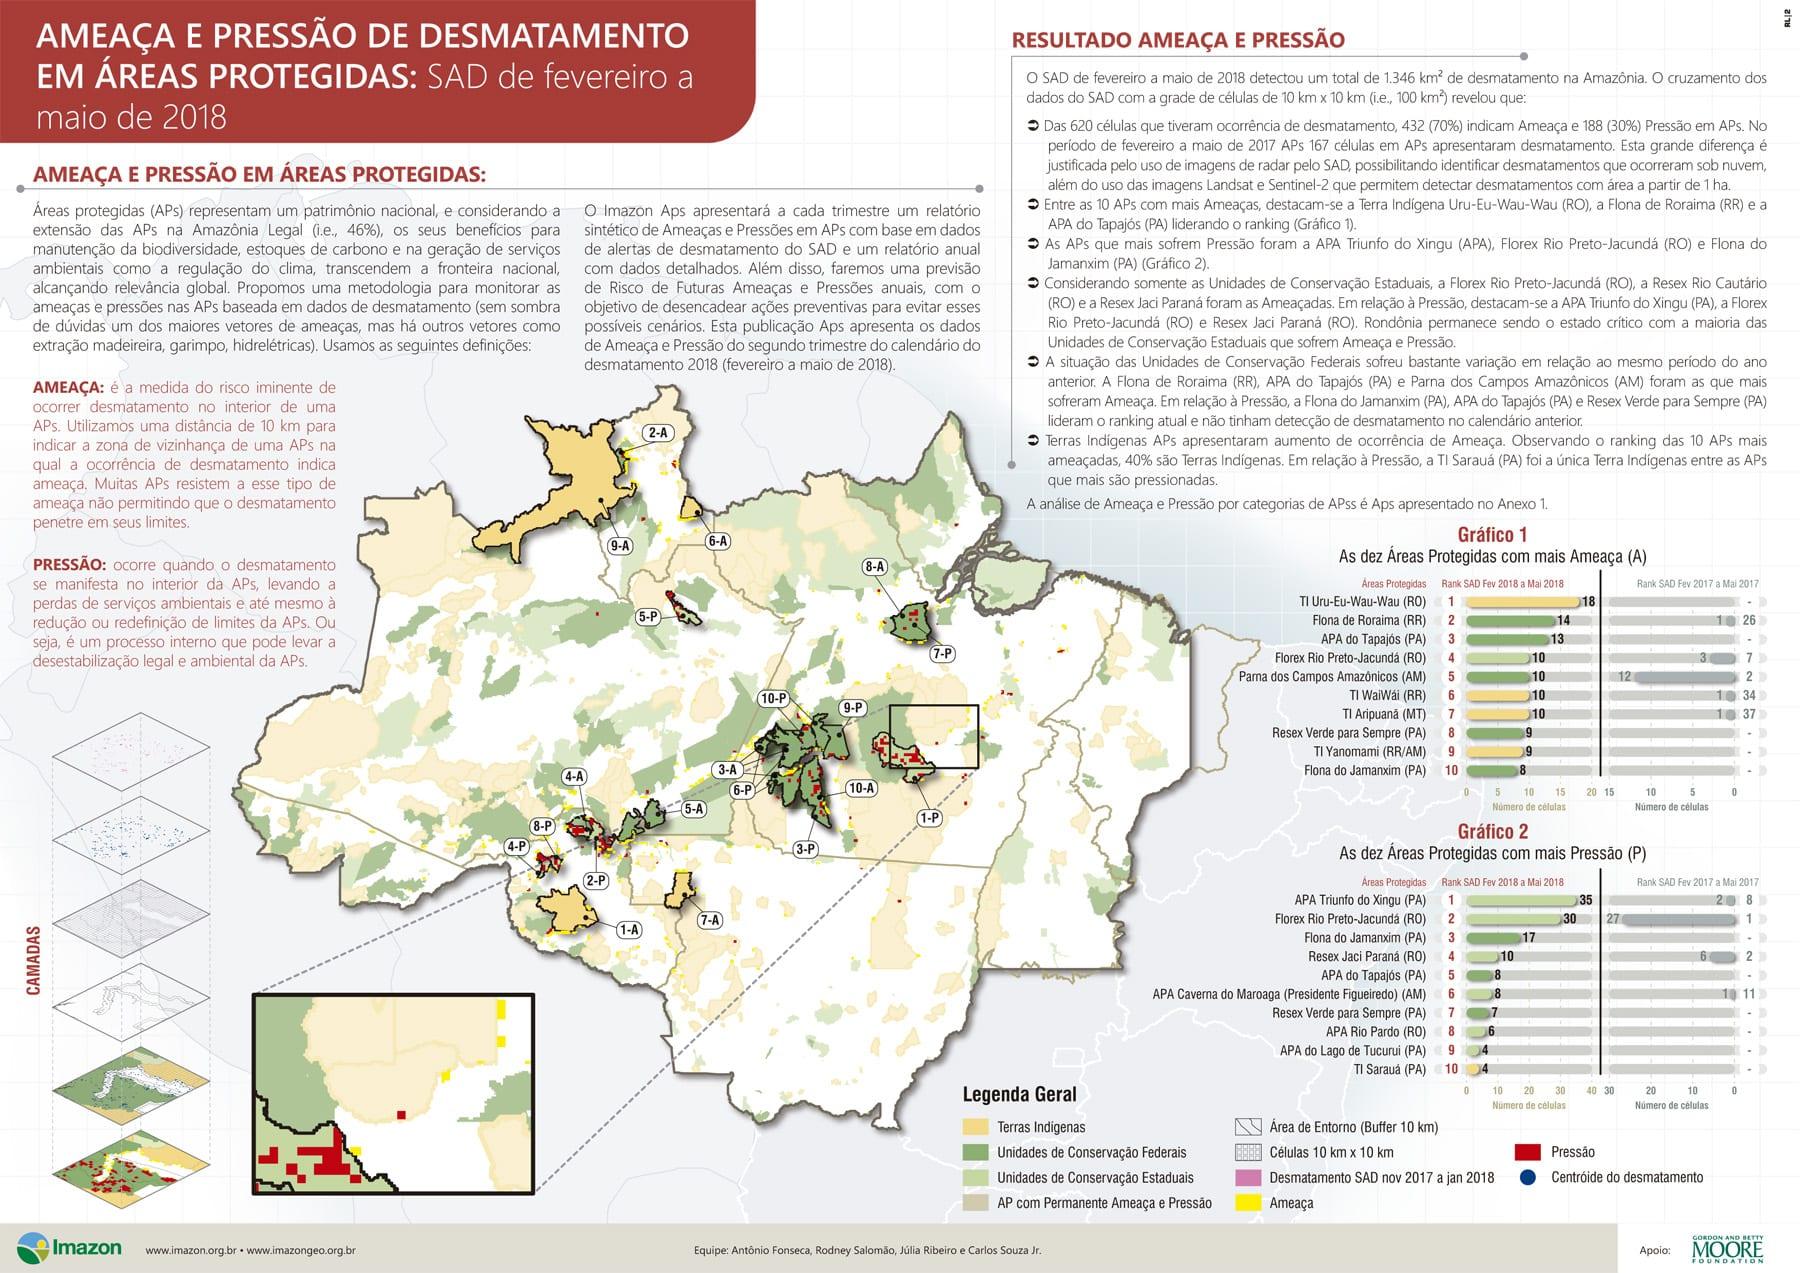 AmeacaPressao APs fevereiro a maio 2018 2 - Ameaça e Pressão de desmatamento em Áreas Protegidas: SAD fevereiro a maio de 2018